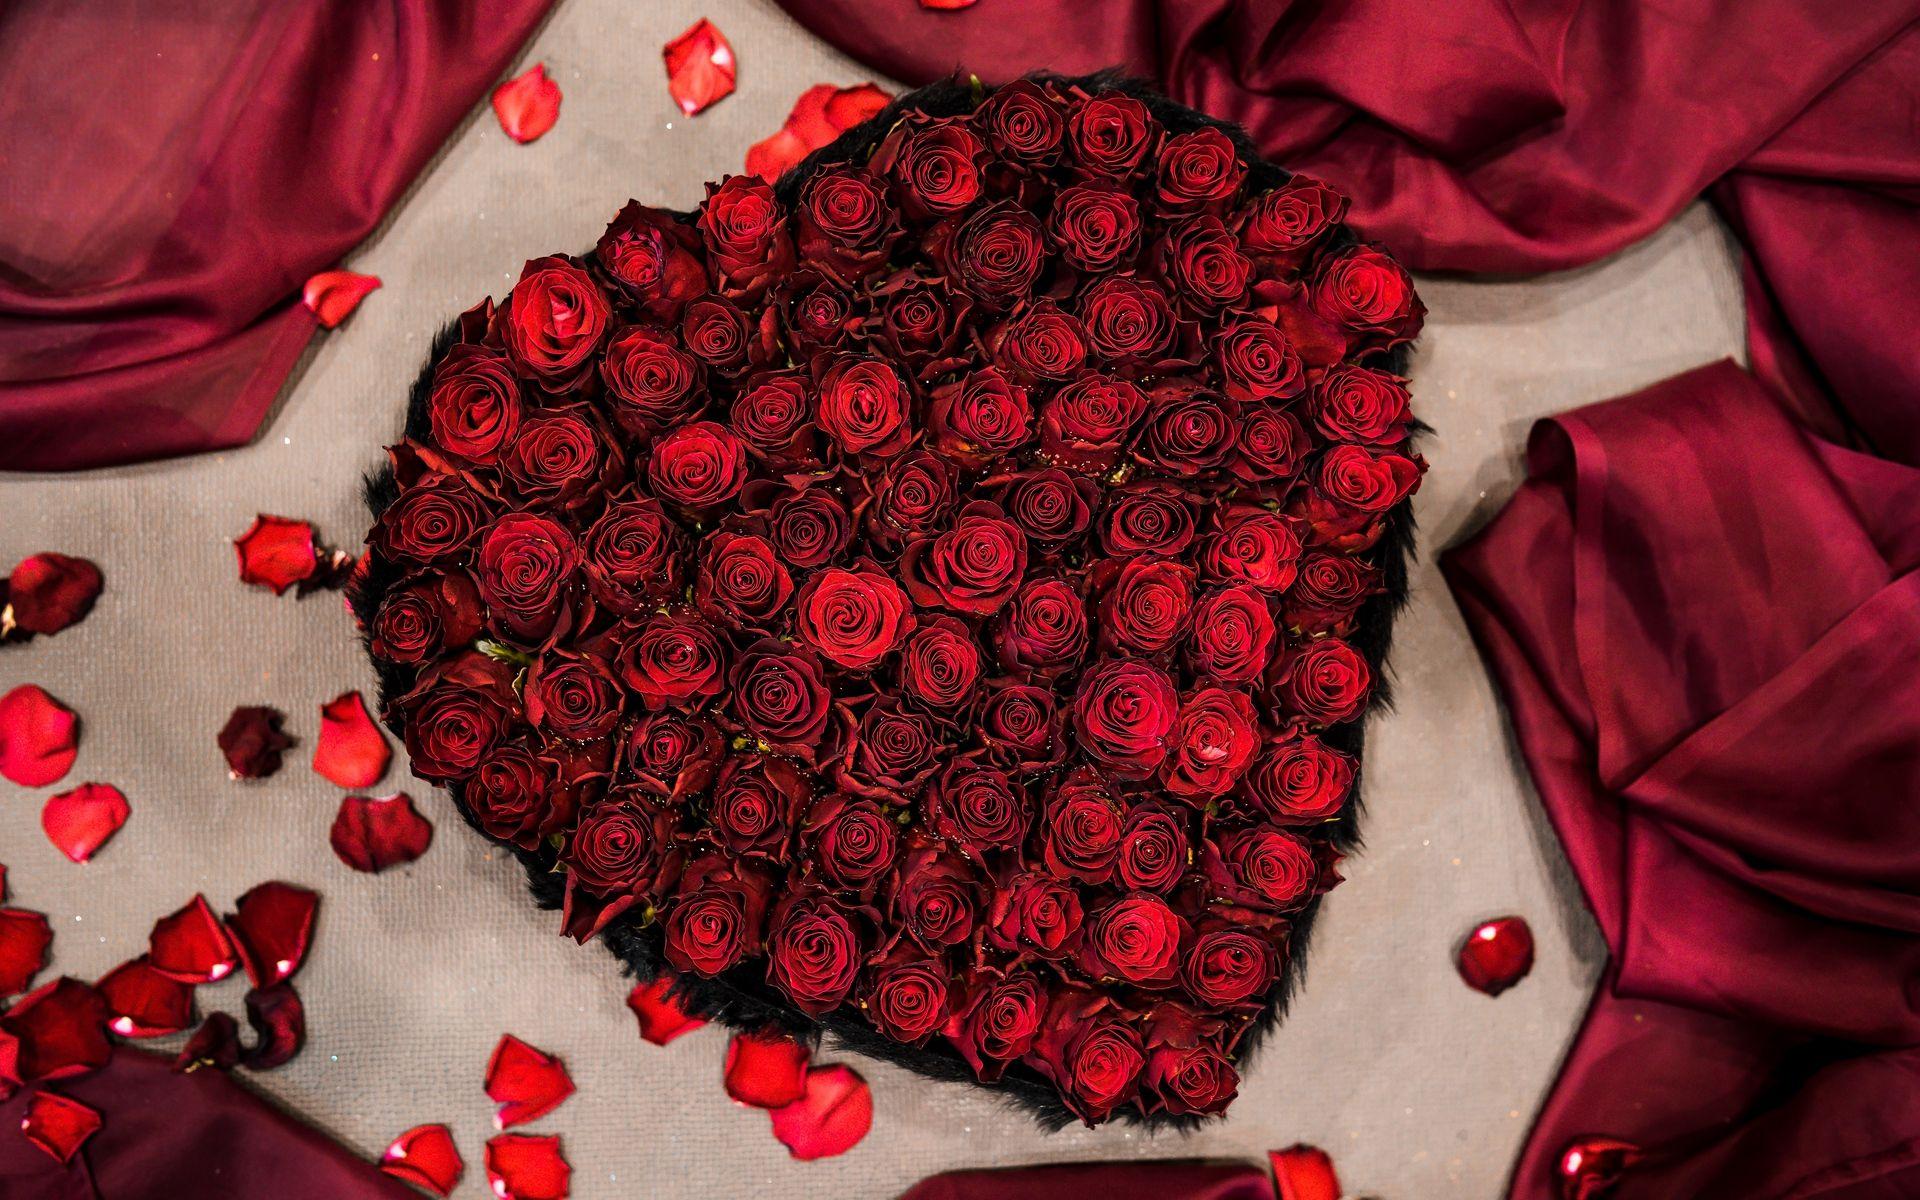 Love Rose Pic Hd Wallpaper Rose Pic Rose Pic Hd Love Rose